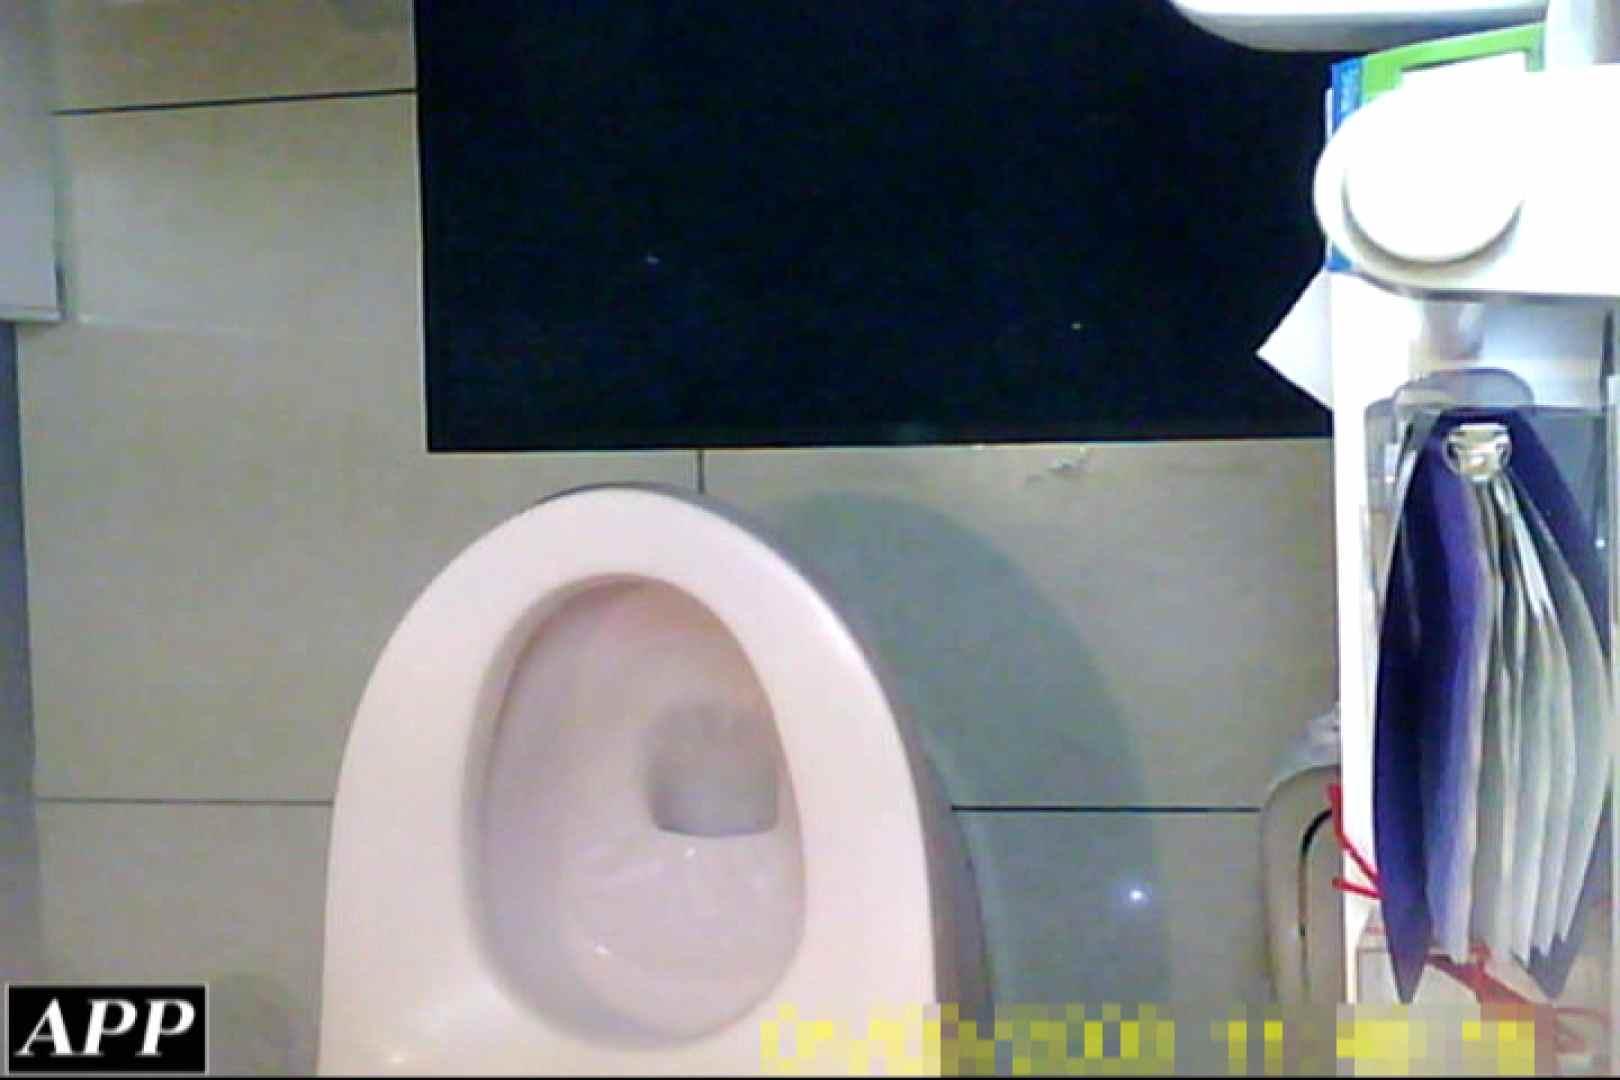 3視点洗面所 vol.101 OLエロ画像 盗撮AV動画キャプチャ 32PICs 32